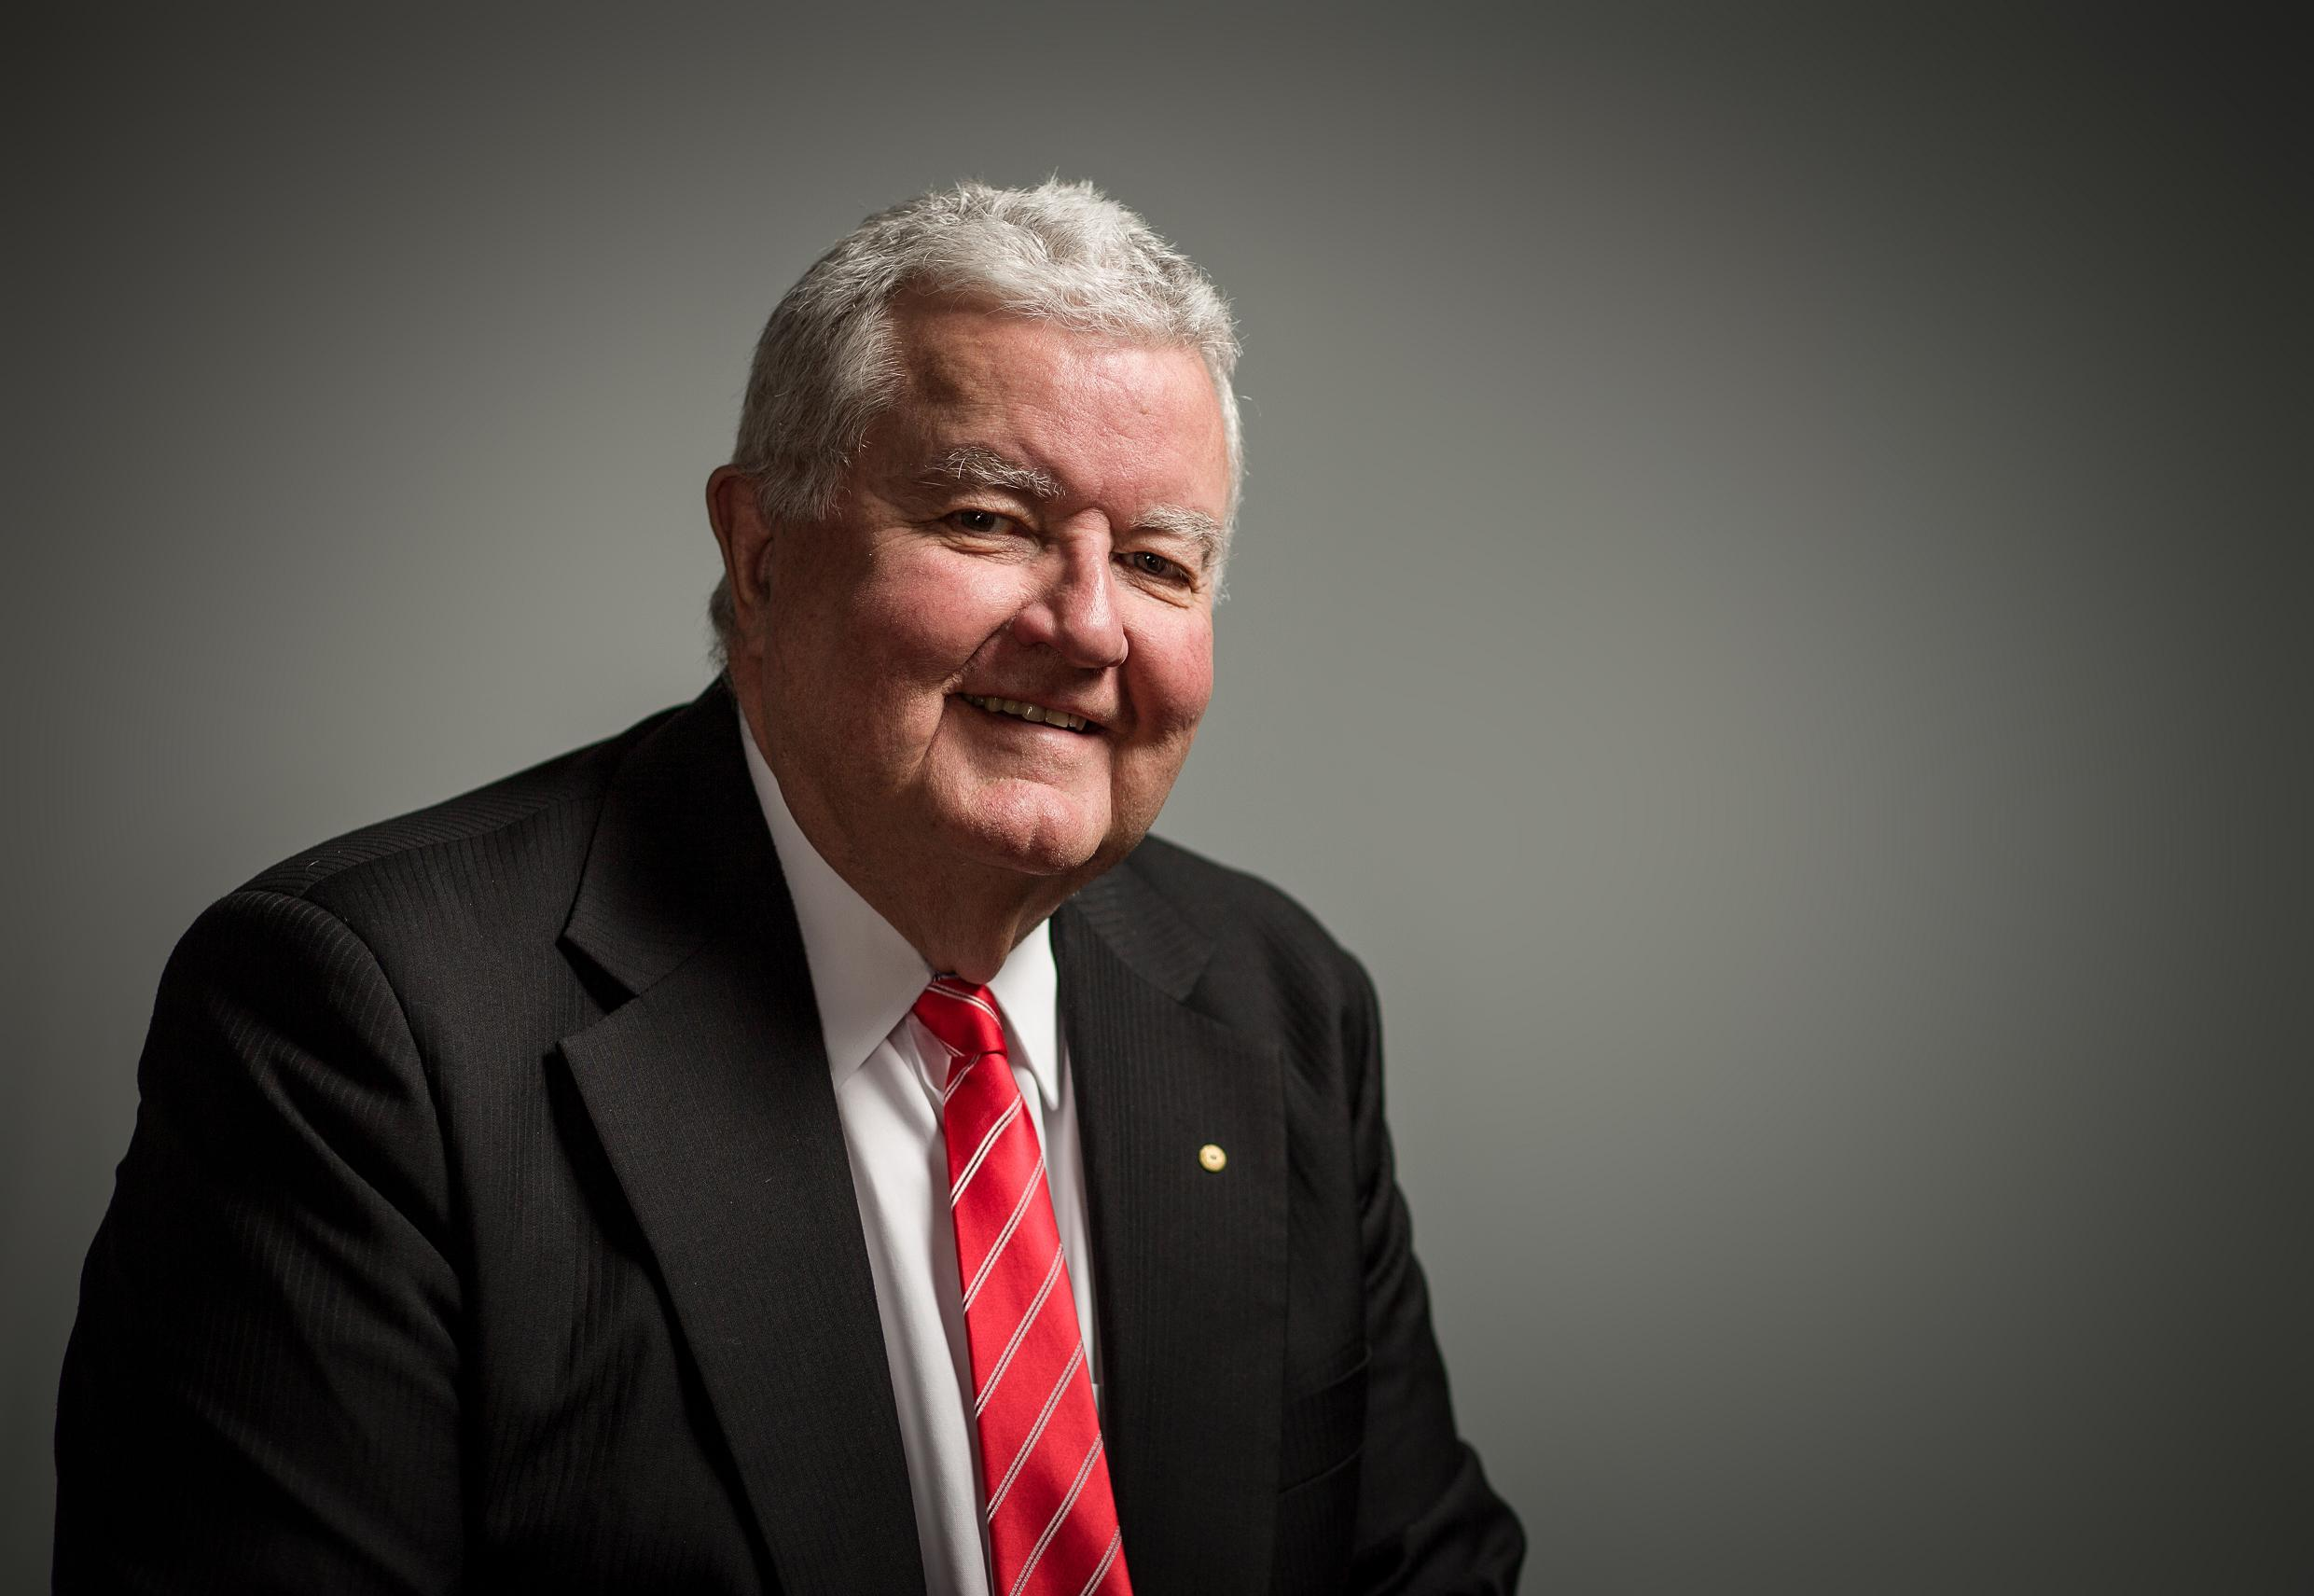 Australia's Chief Scientist, Professor Ian Chubb